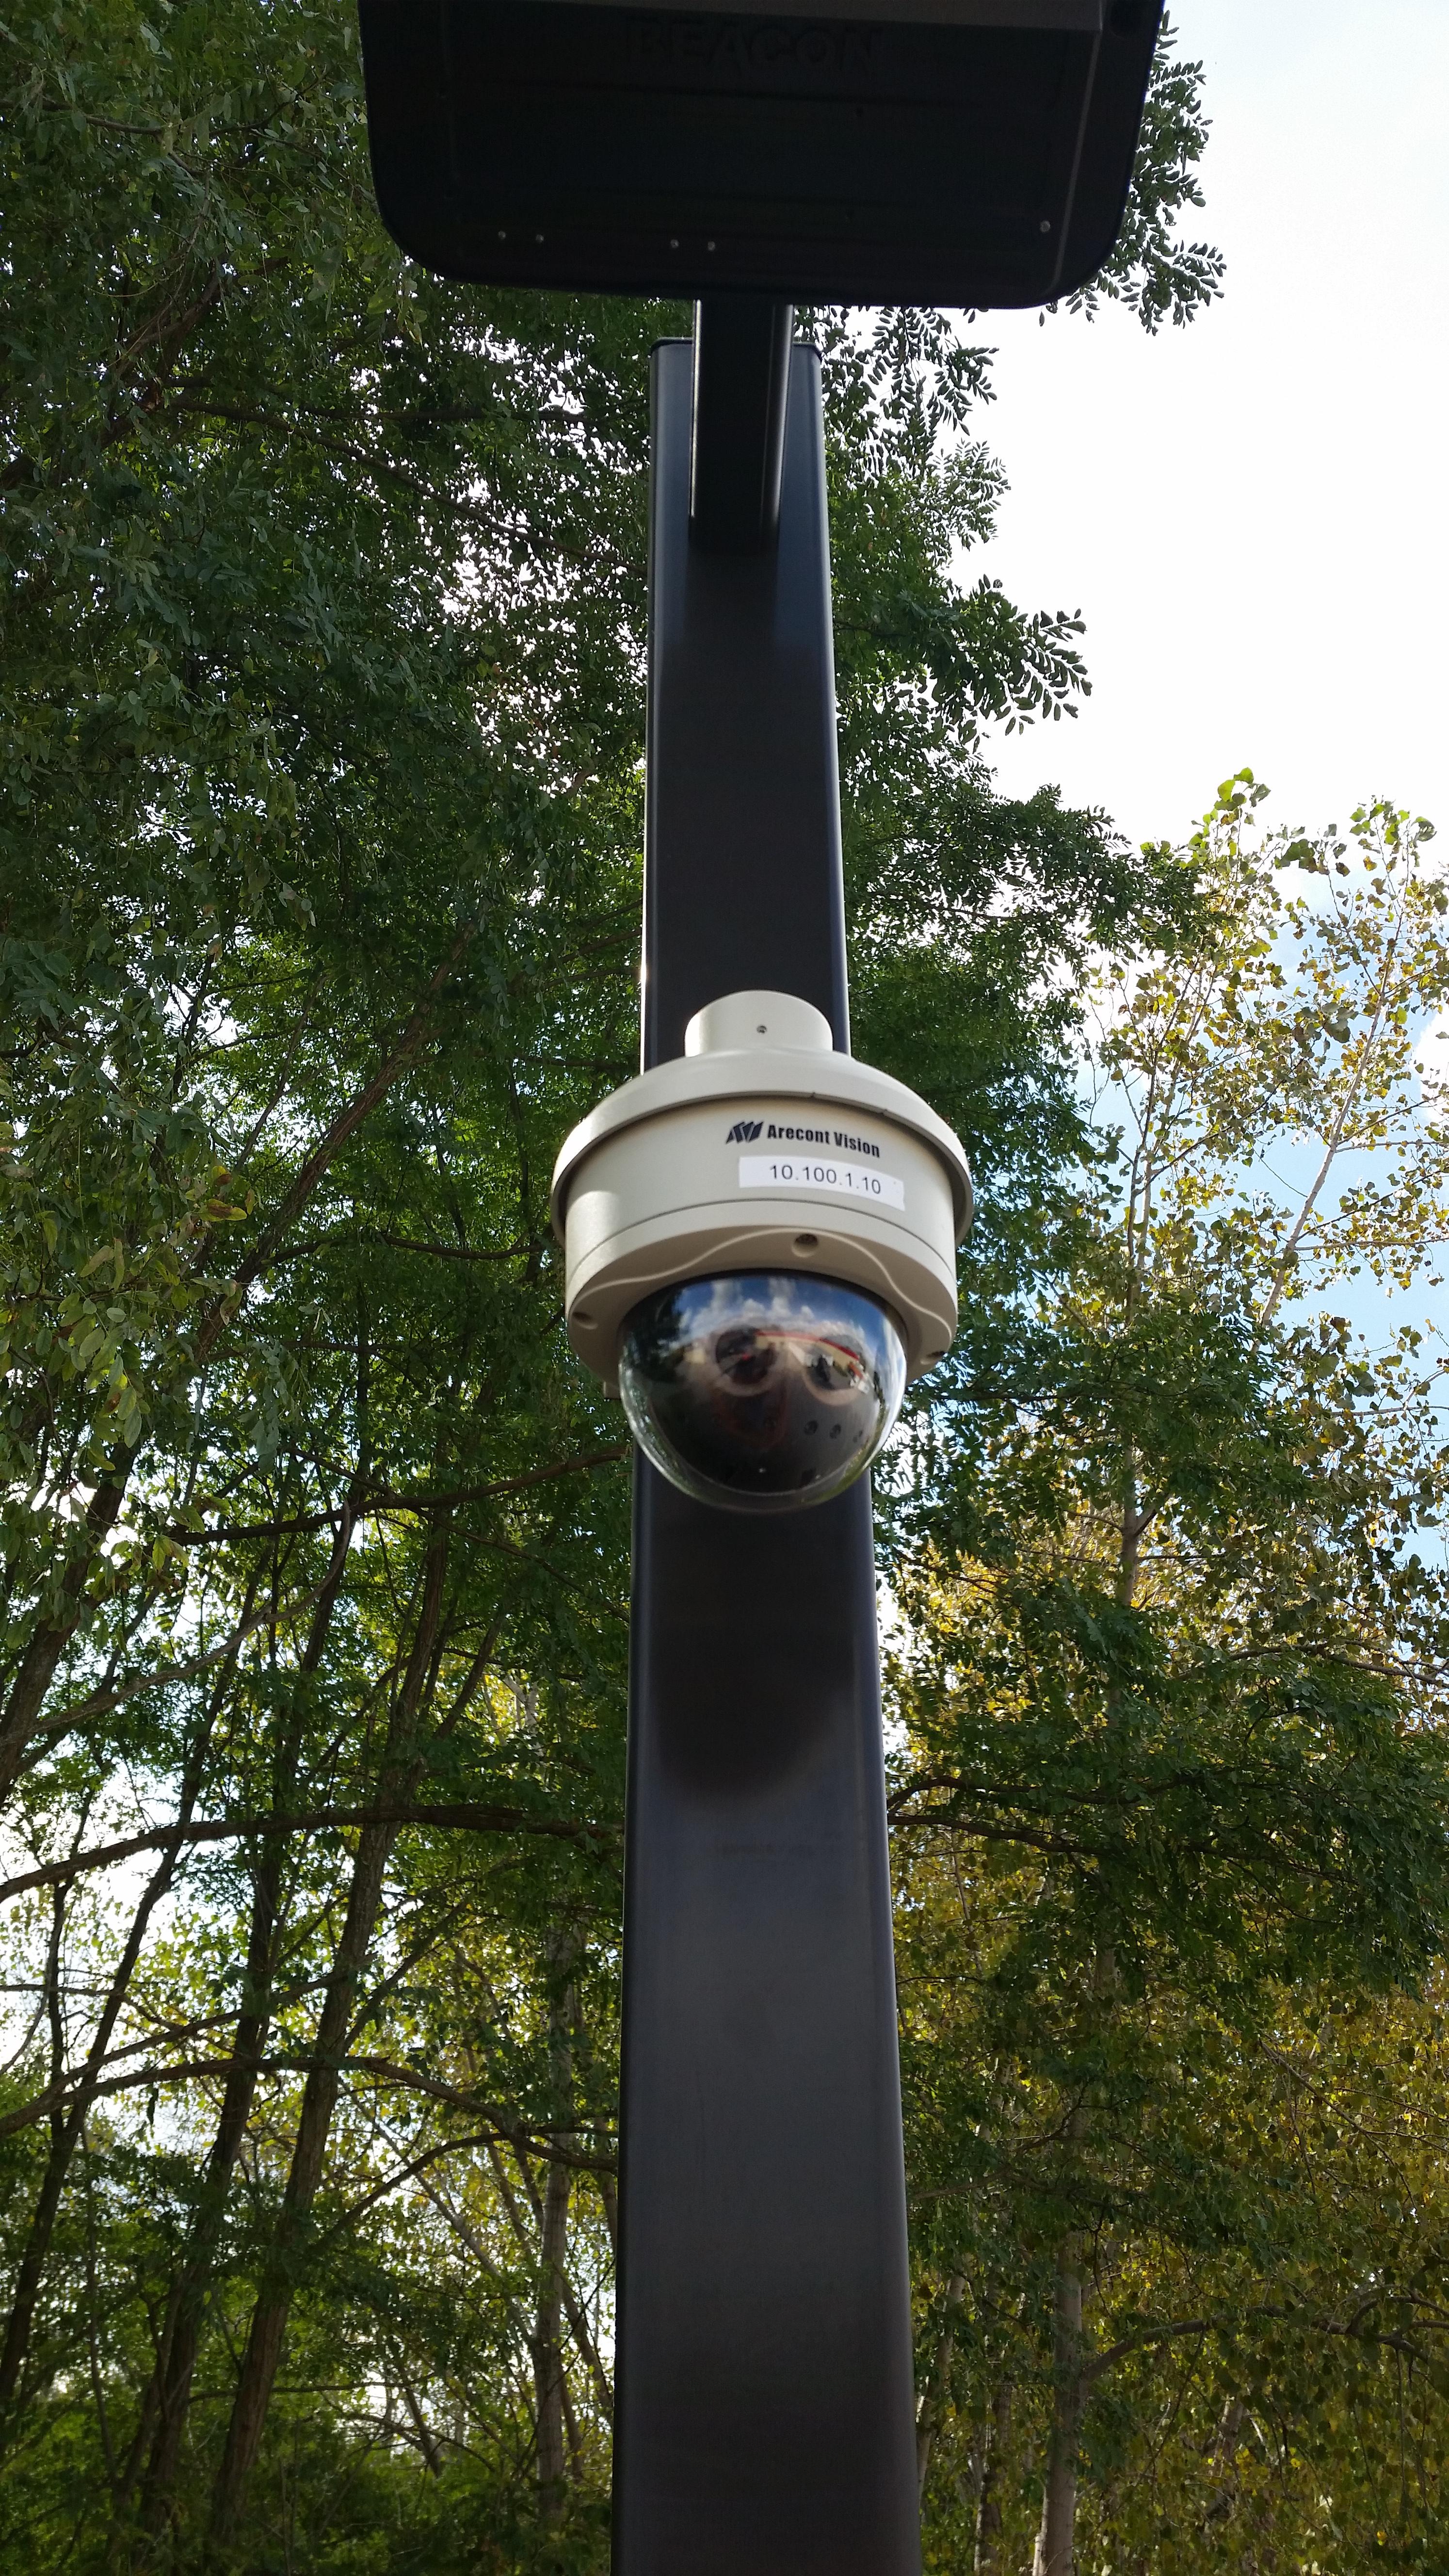 Auburn, NY with Keystone Security Systems